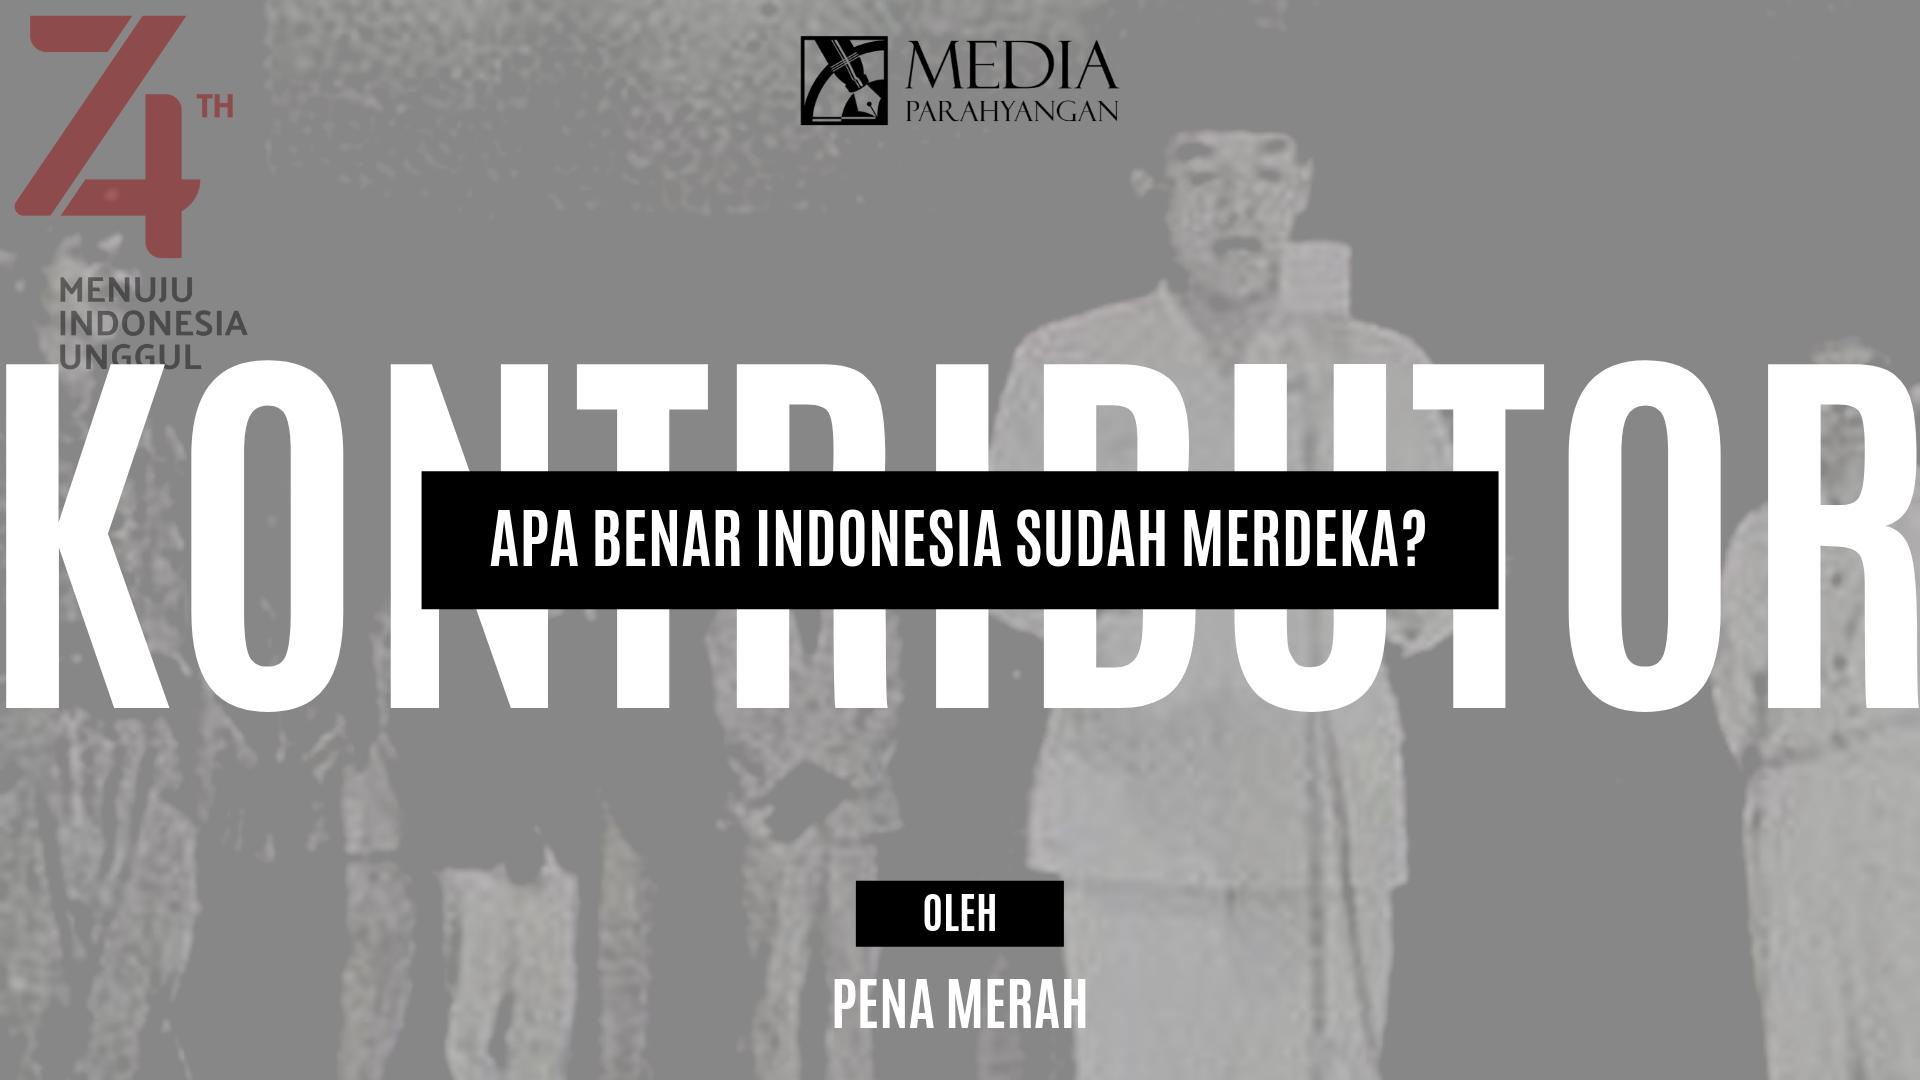 [Cerpen] Apa Benar Indonesia Sudah Merdeka?